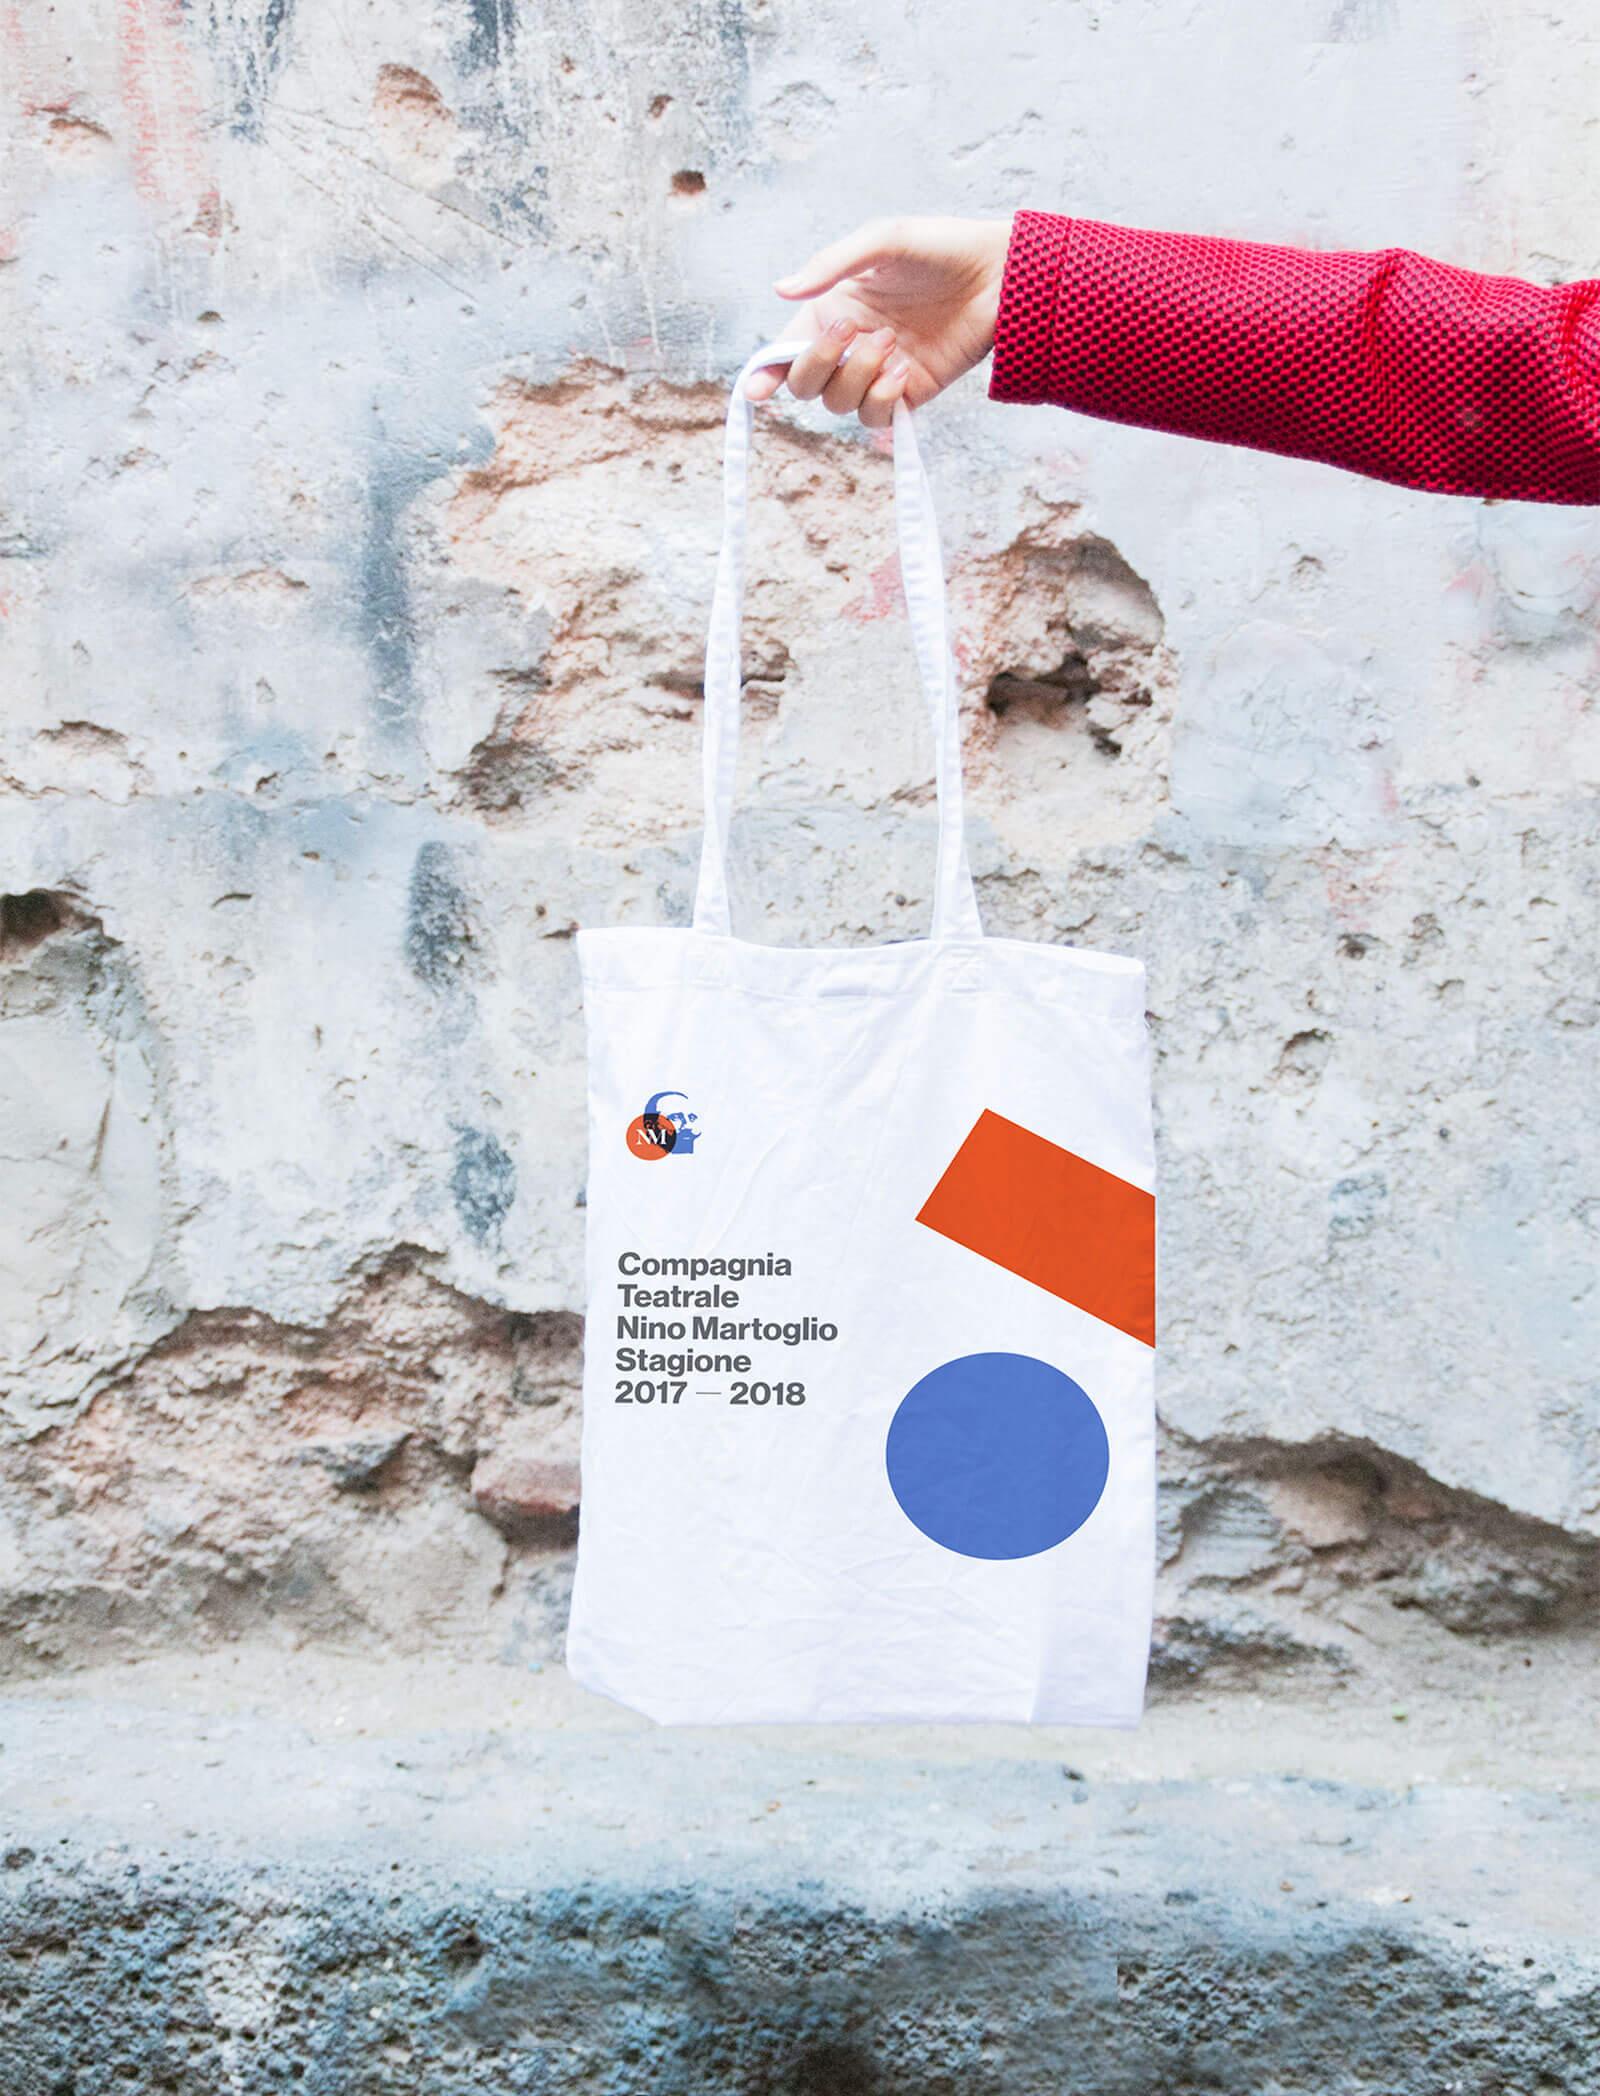 Compagnia Nino Martoglio - tote bag